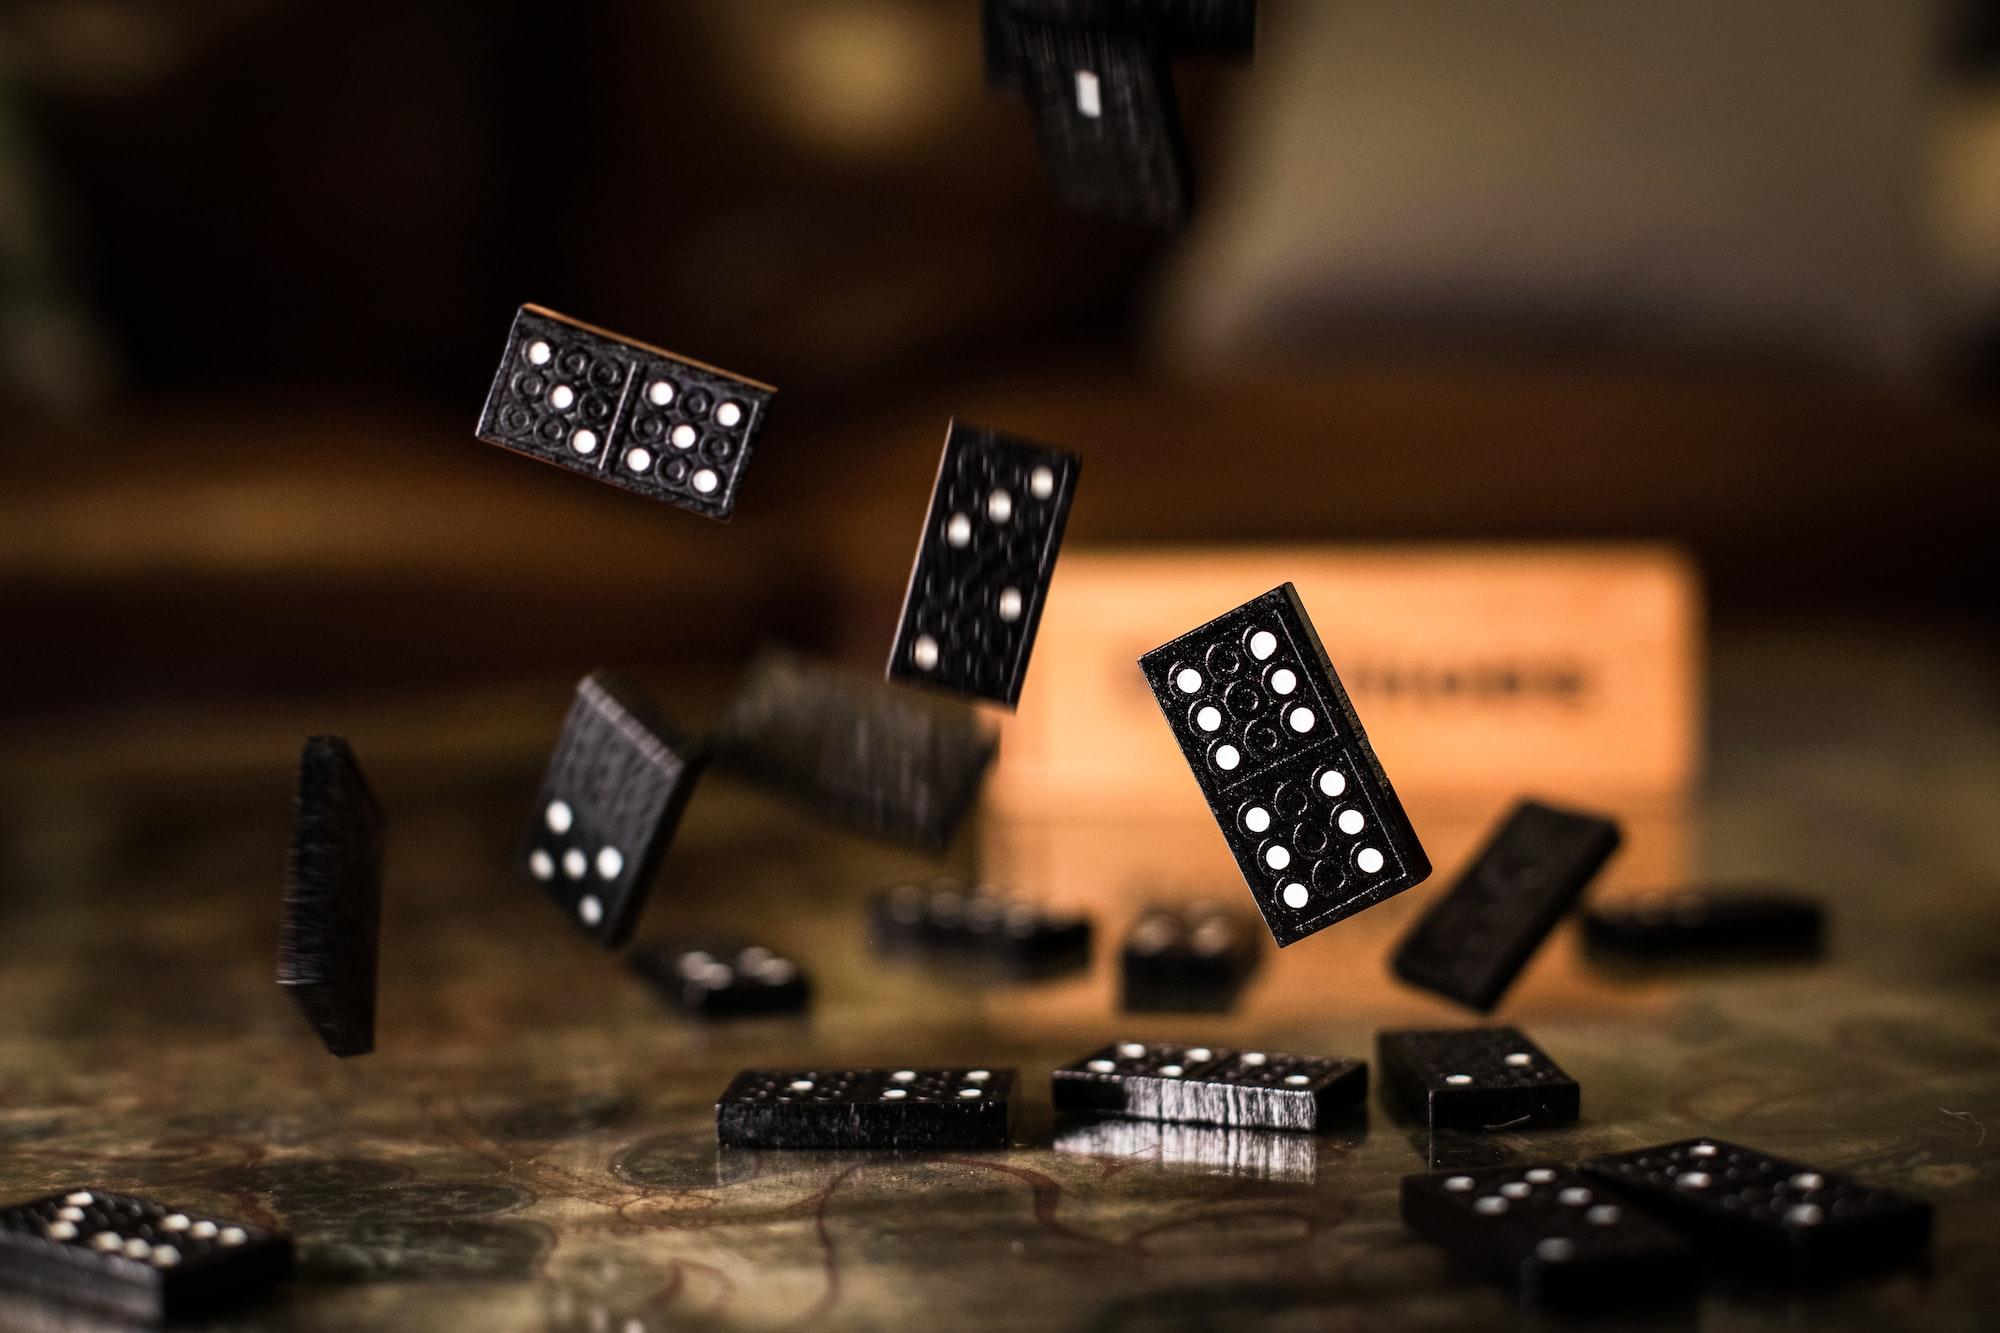 Dominoes in mid-air falling